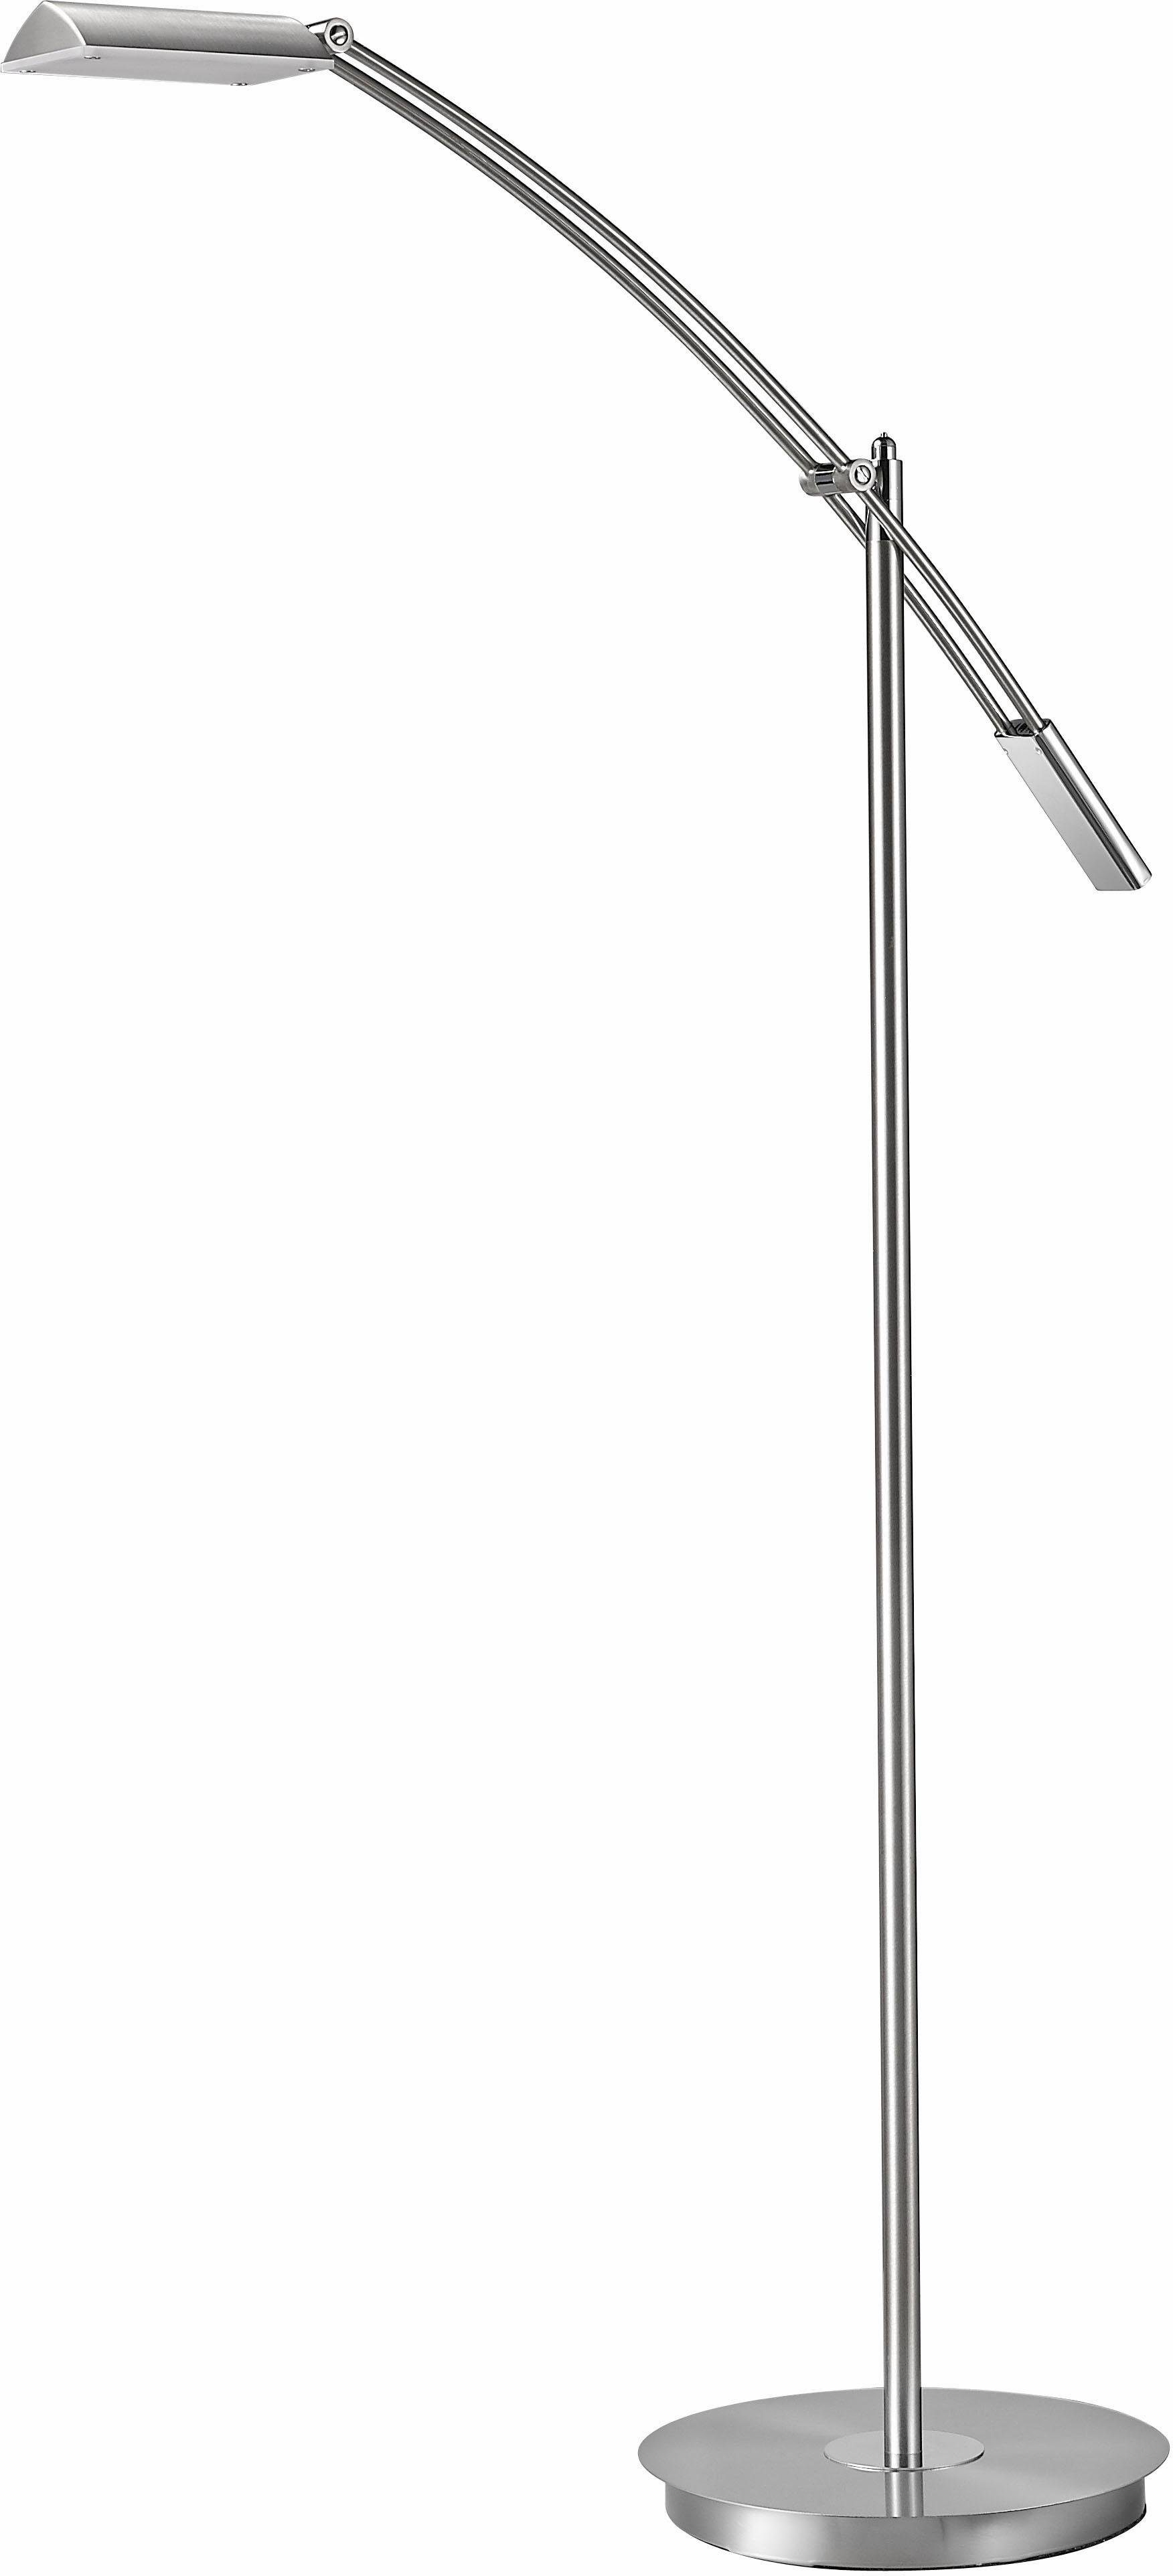 TRIO Leuchten LED Stehlampe »VERONA«, 1-flammig